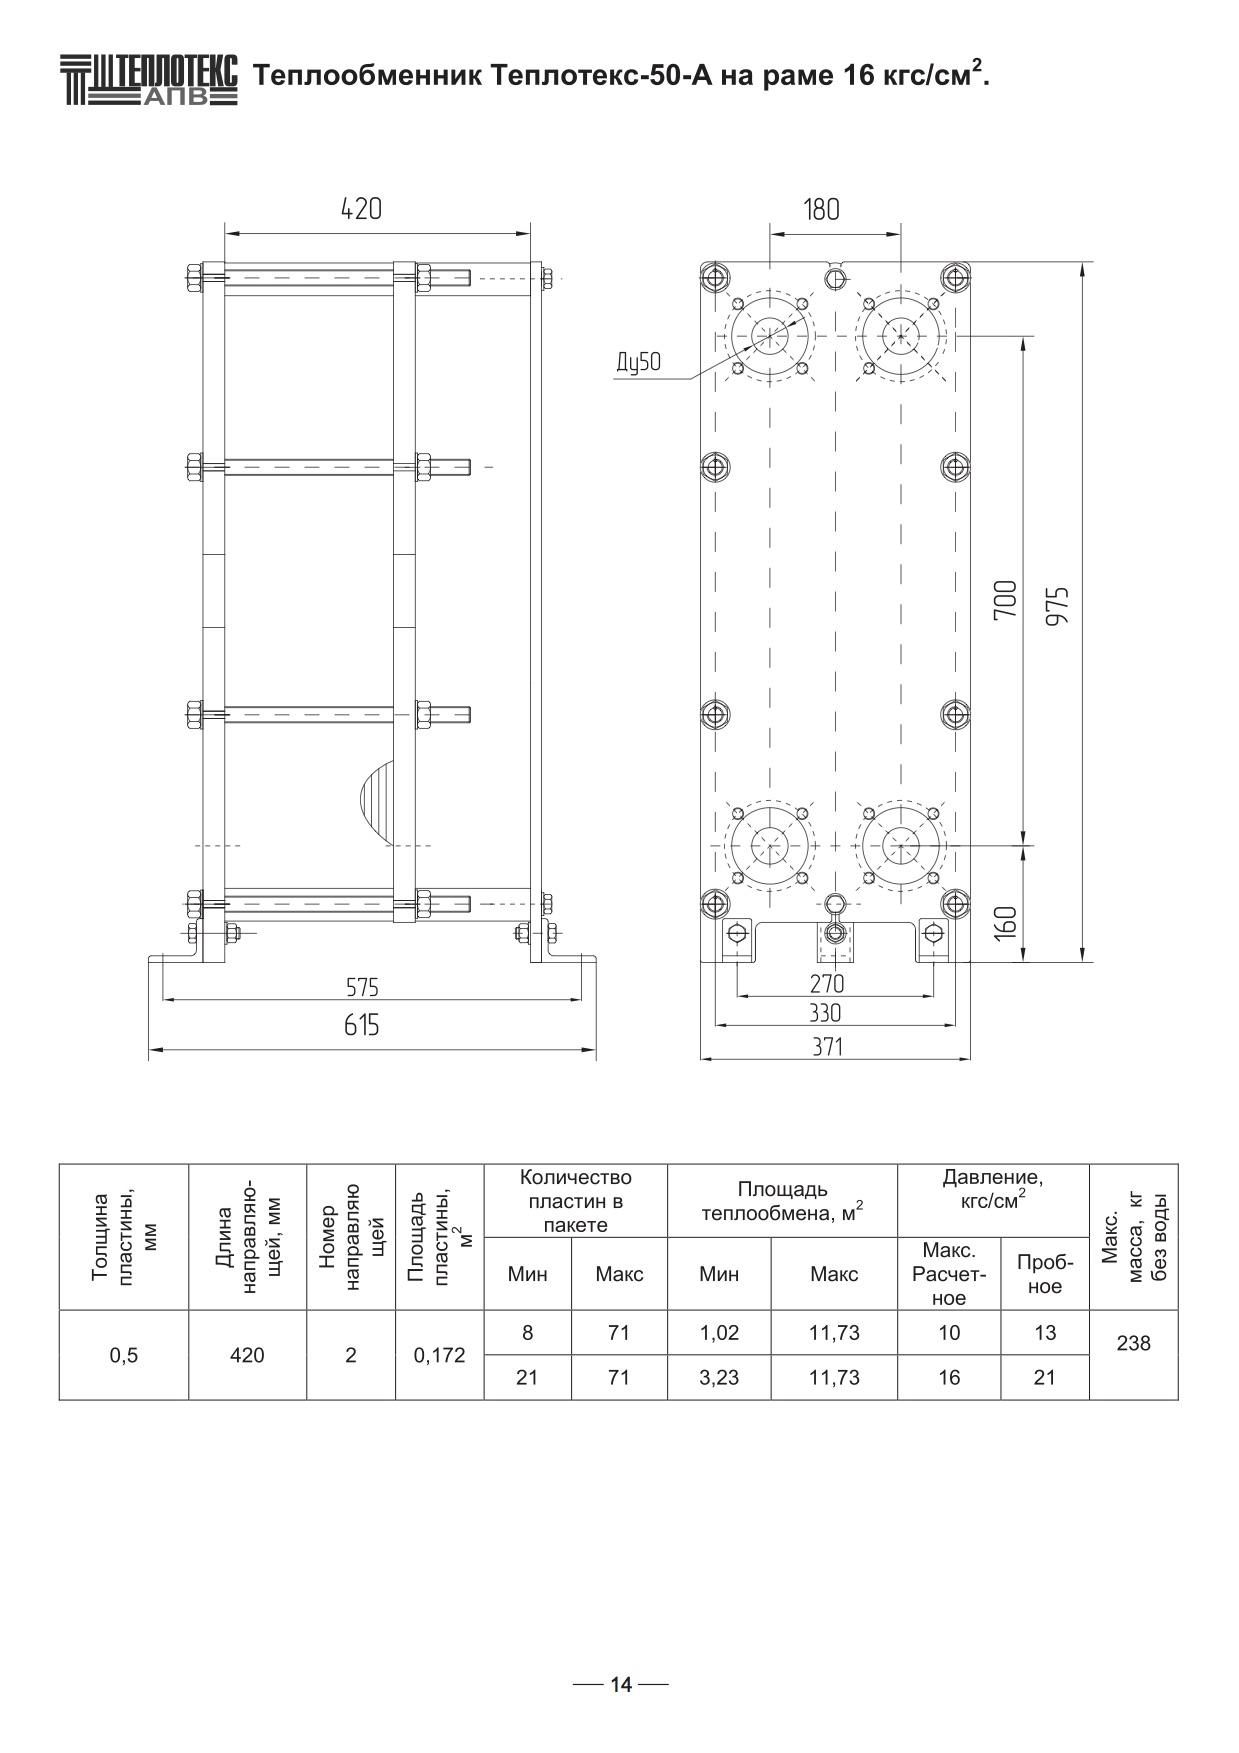 Уплотнения теплообменника Теплотекс 50A Гатчина Сварной пластинчатый теплообменник Alfa Laval TM20-B FNR Бузулук